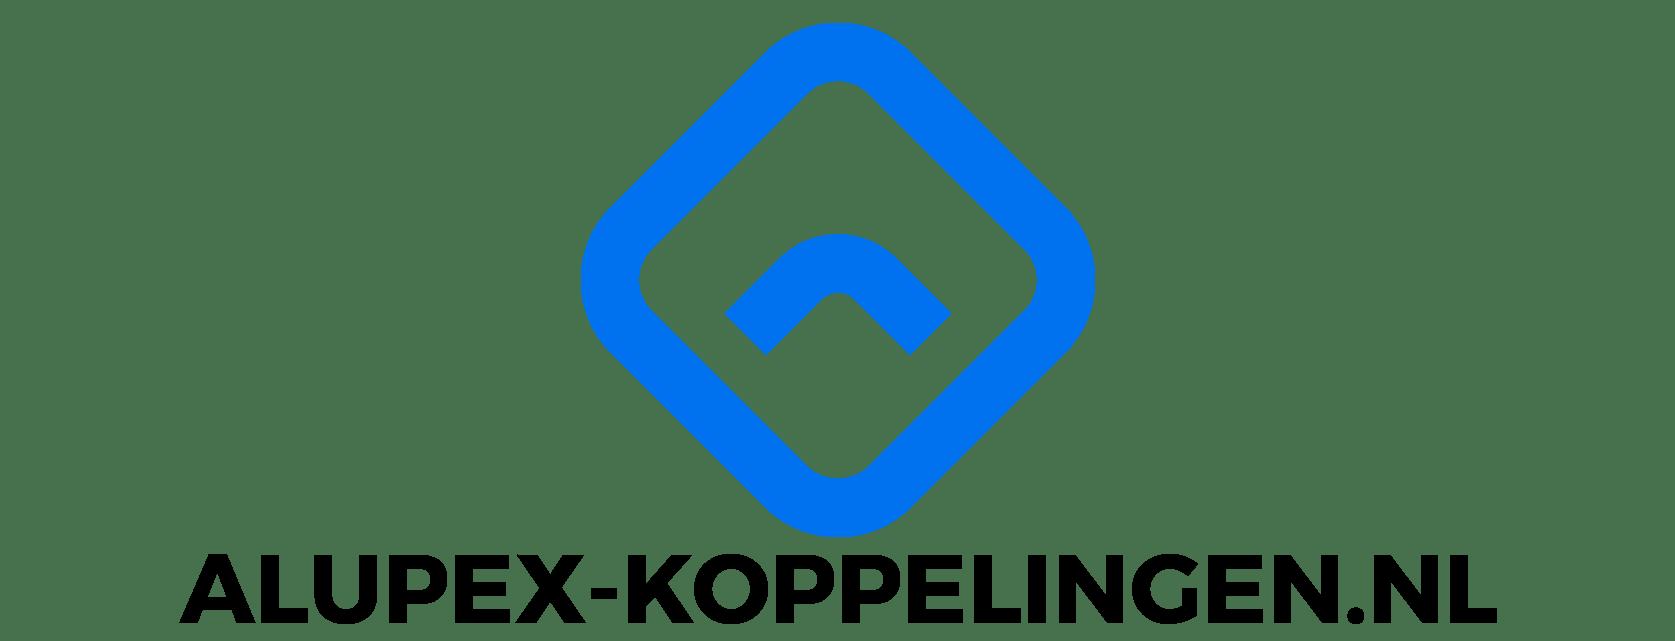 Alupex-koppelingen.nl